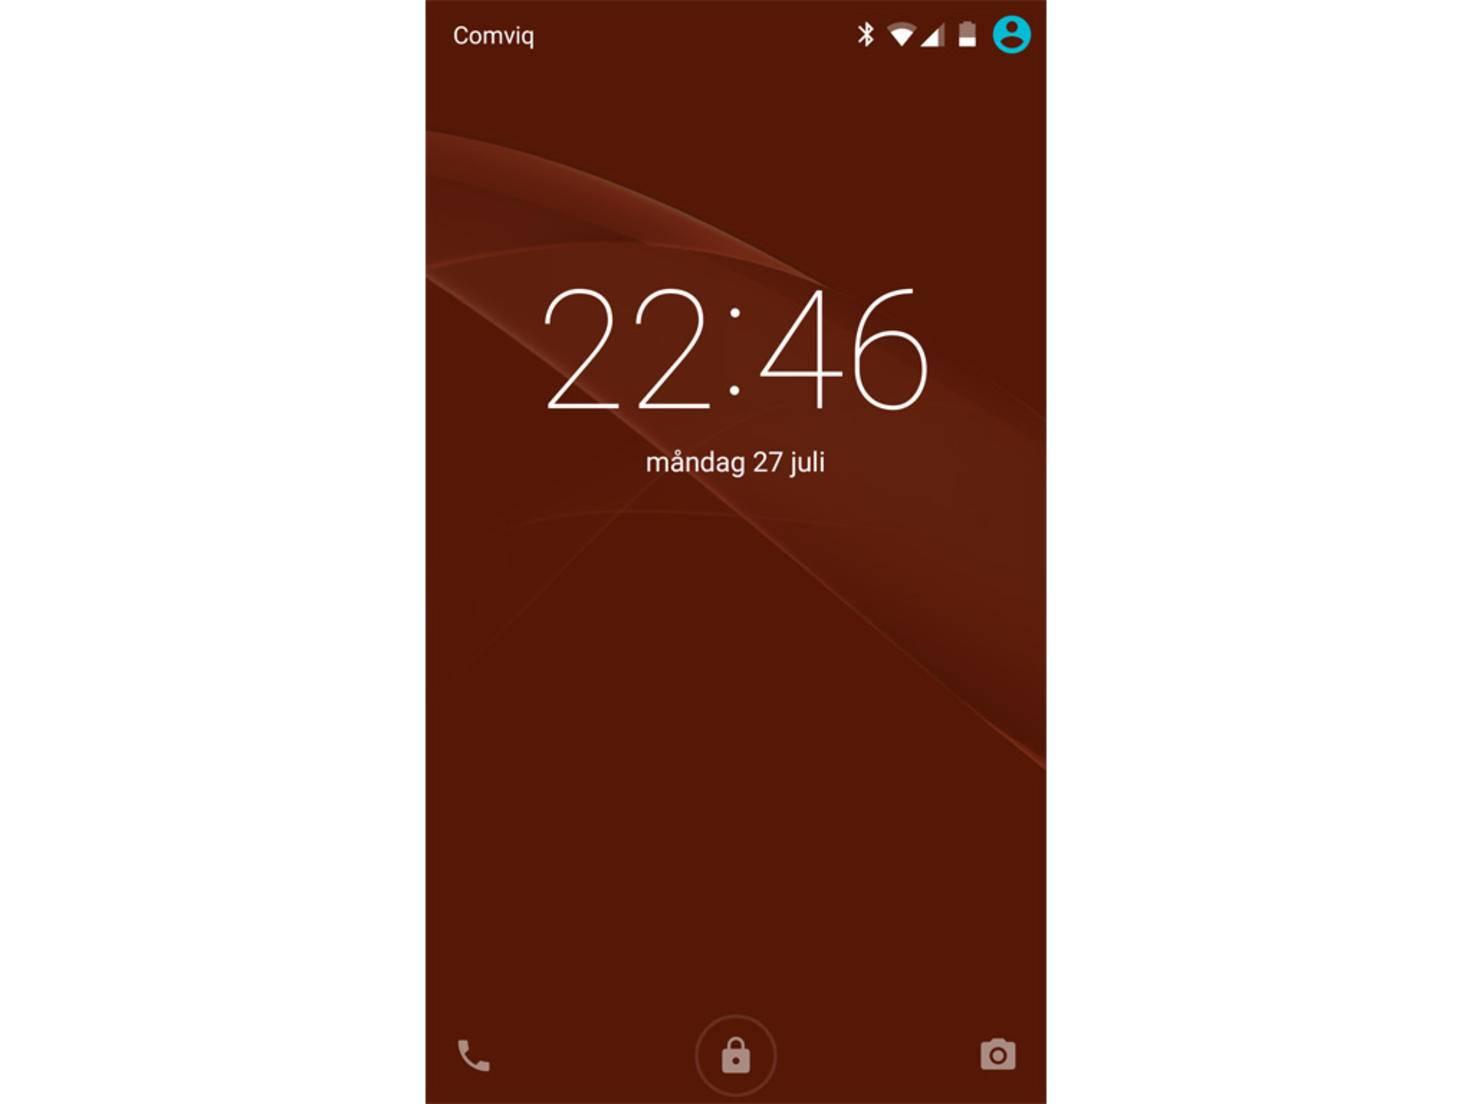 """Sony selbst beschreibt das neue Xperia UI als """"Vanilla-Look""""."""